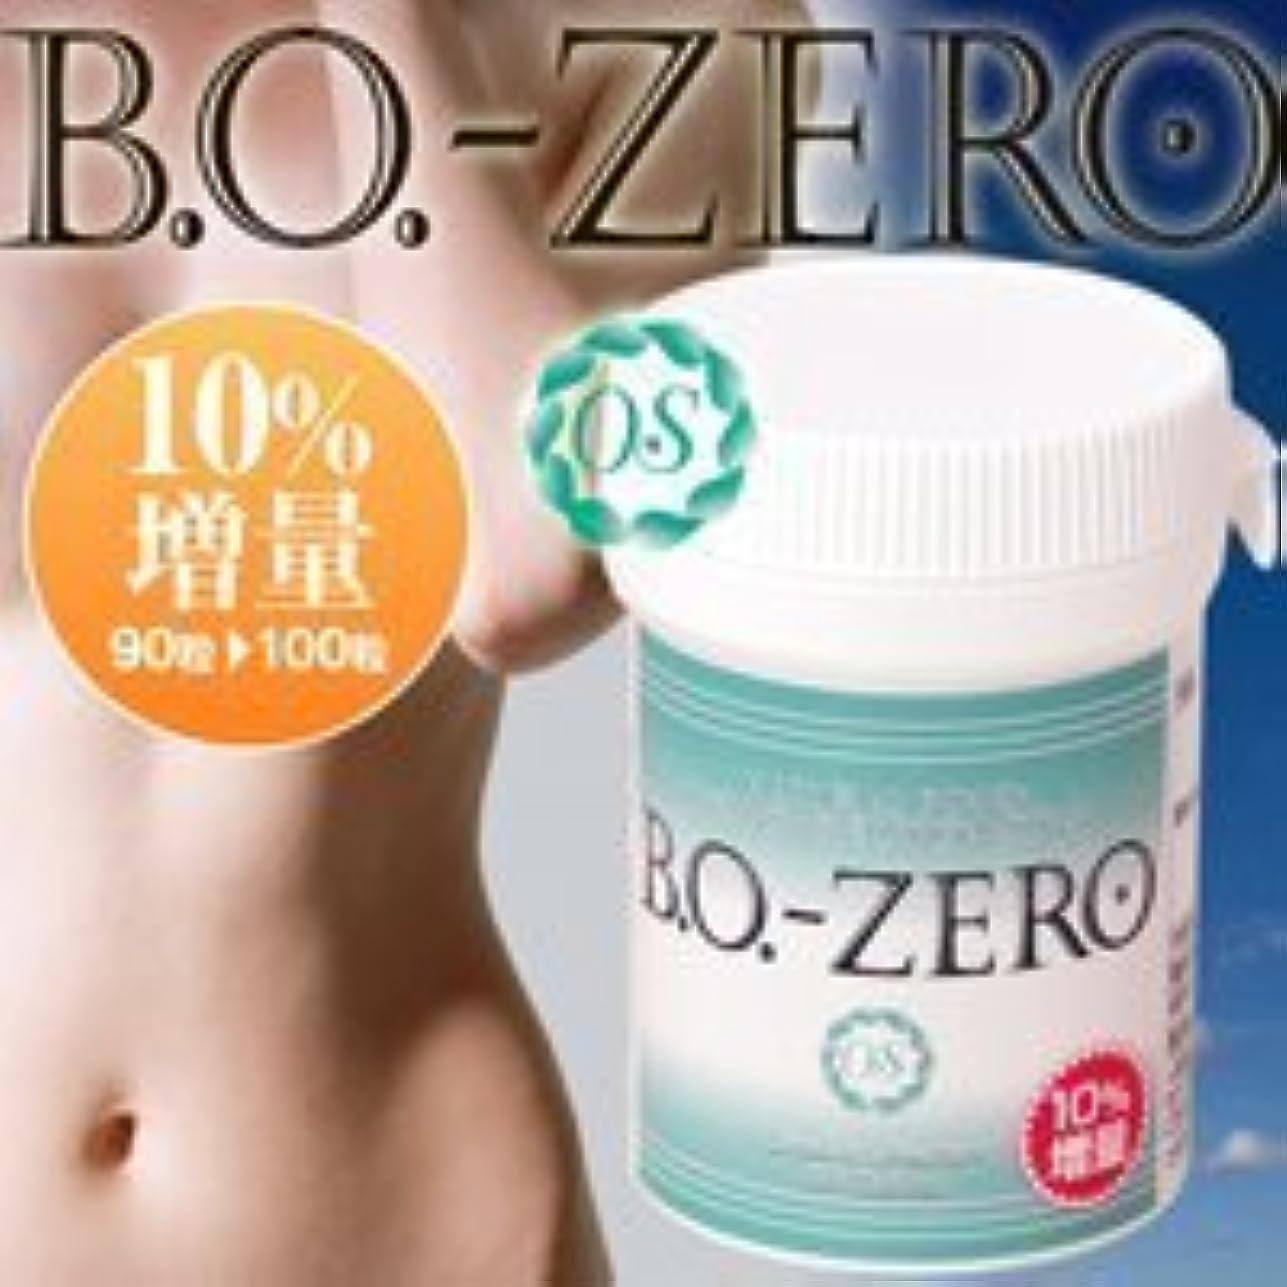 記念碑不名誉失効BO ZERO (ビーオー ゼロ) 10%増量×2個セット?  体臭 口臭 汗臭 ワキガ などの対策に